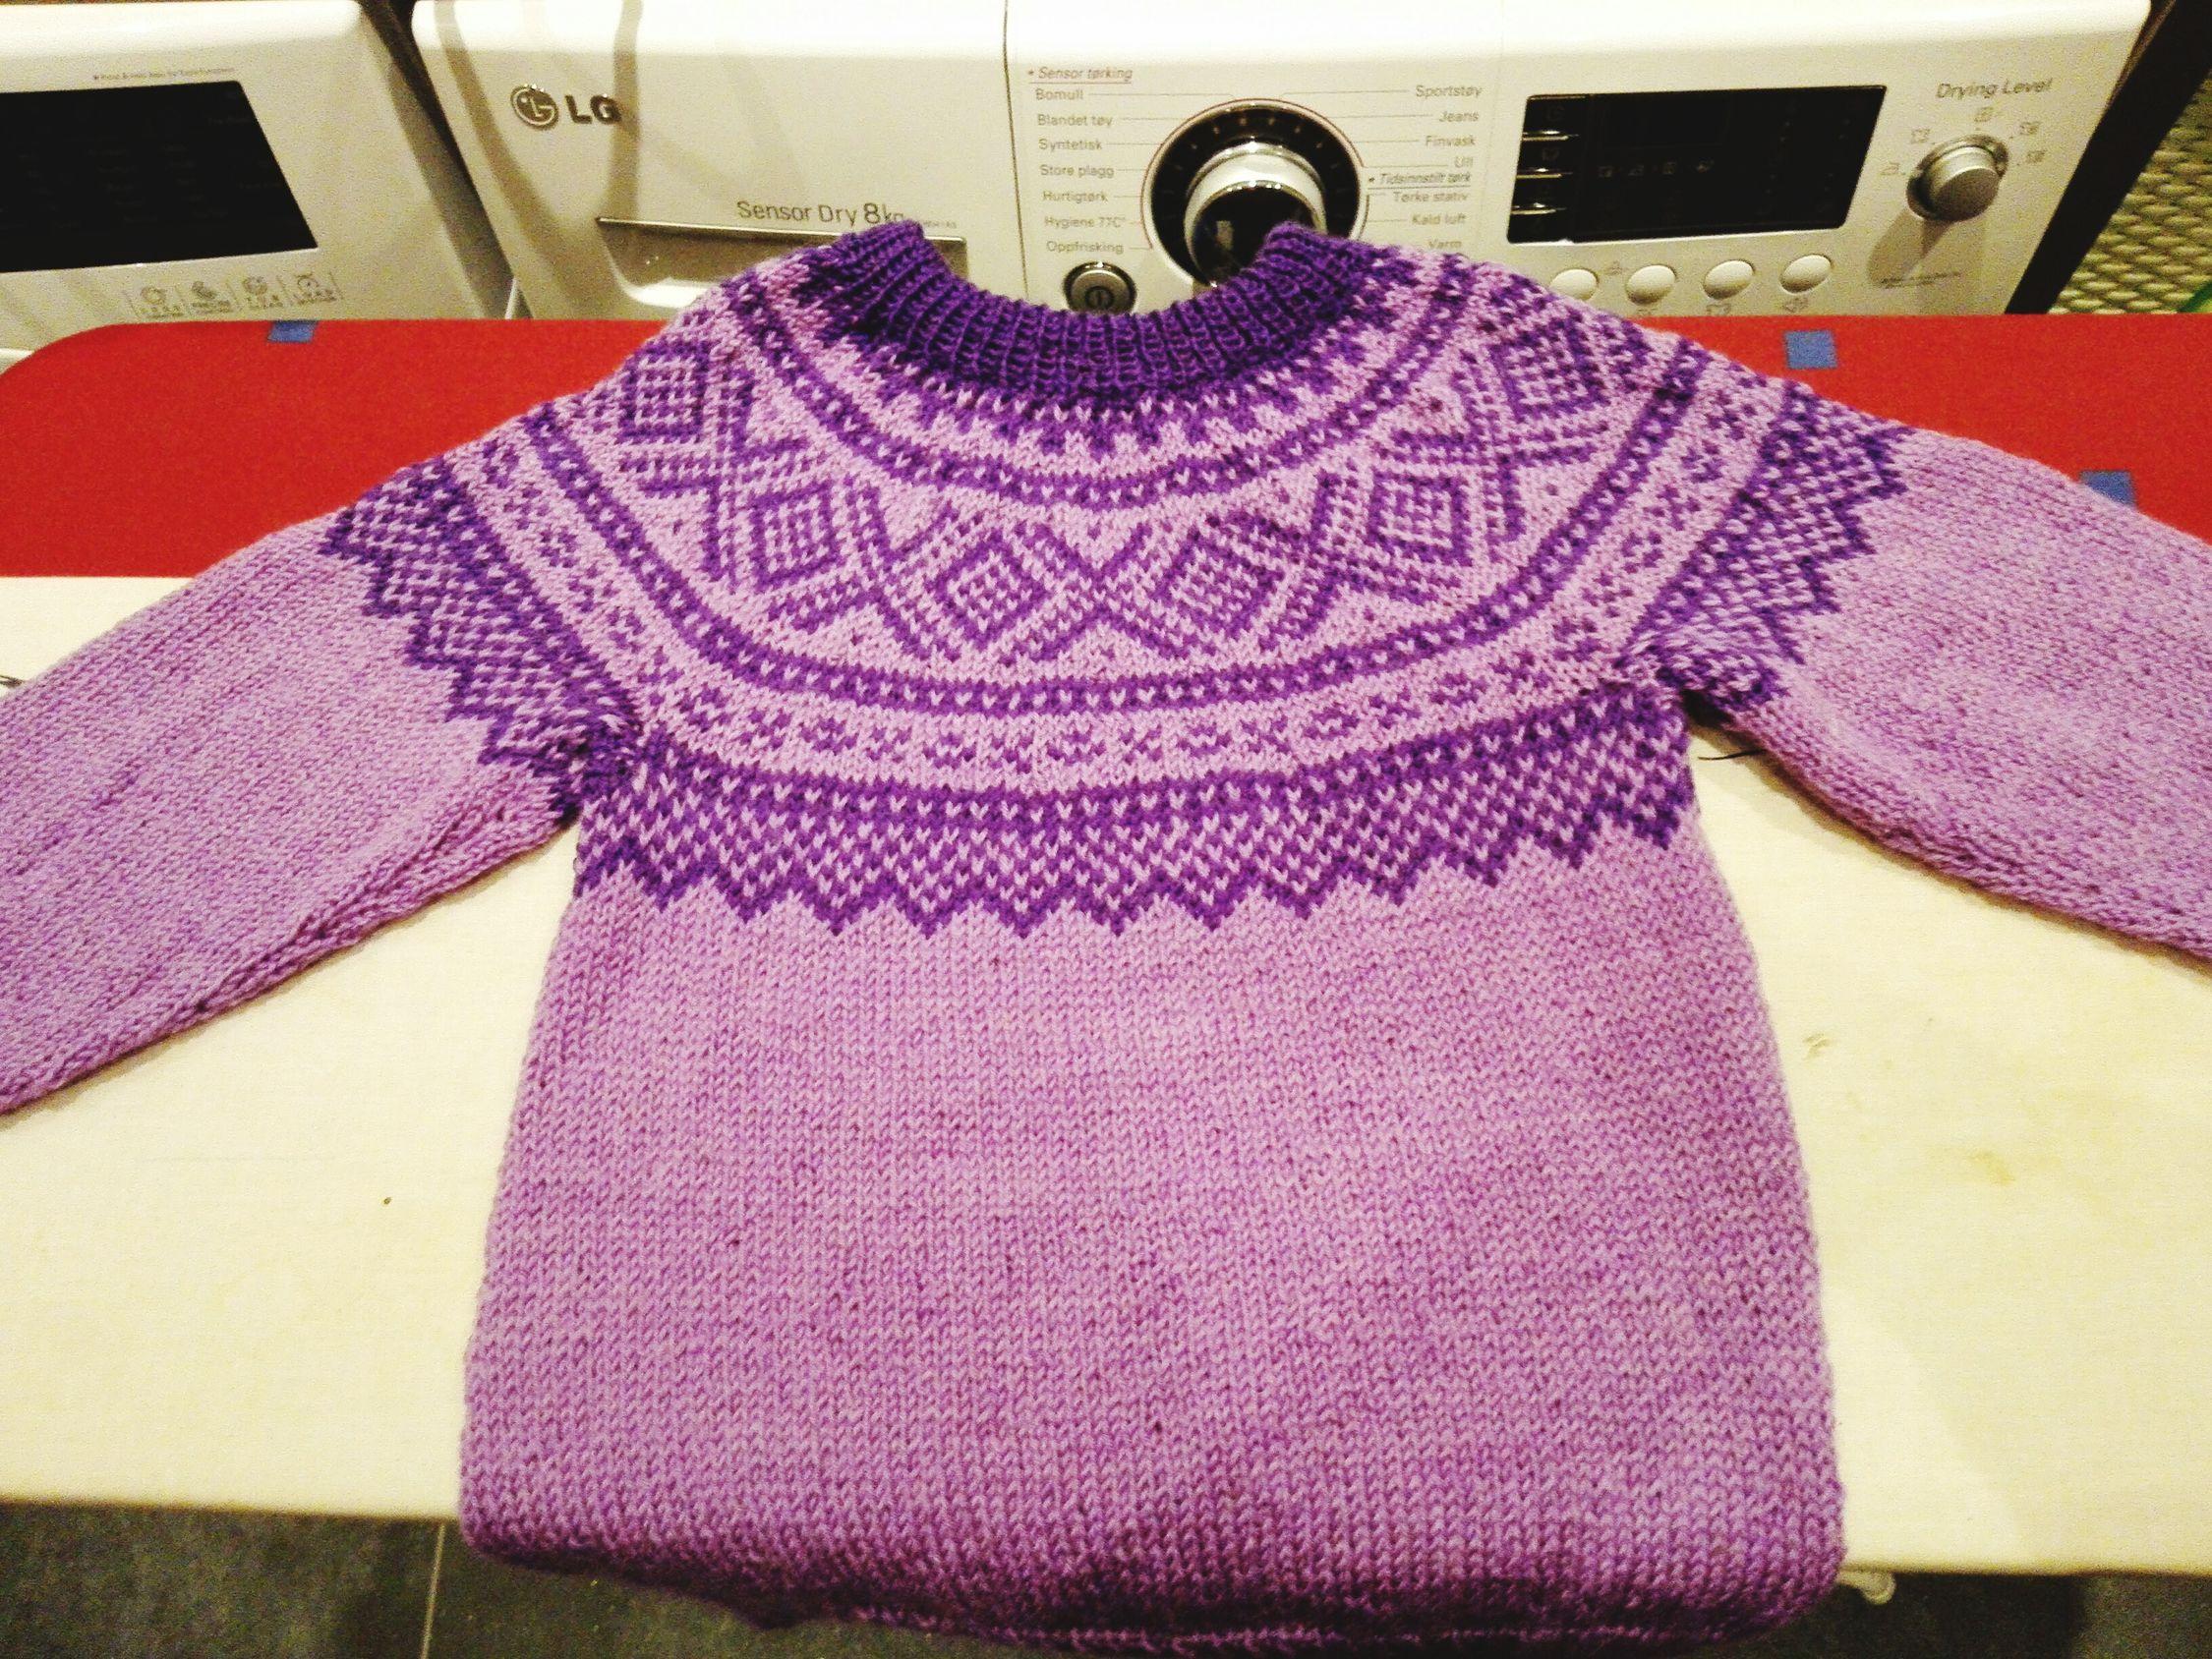 Strikking Knitting Stricken Marius Genser Senjagarn Barn Hjemmelaget Homemade Mariusgenser